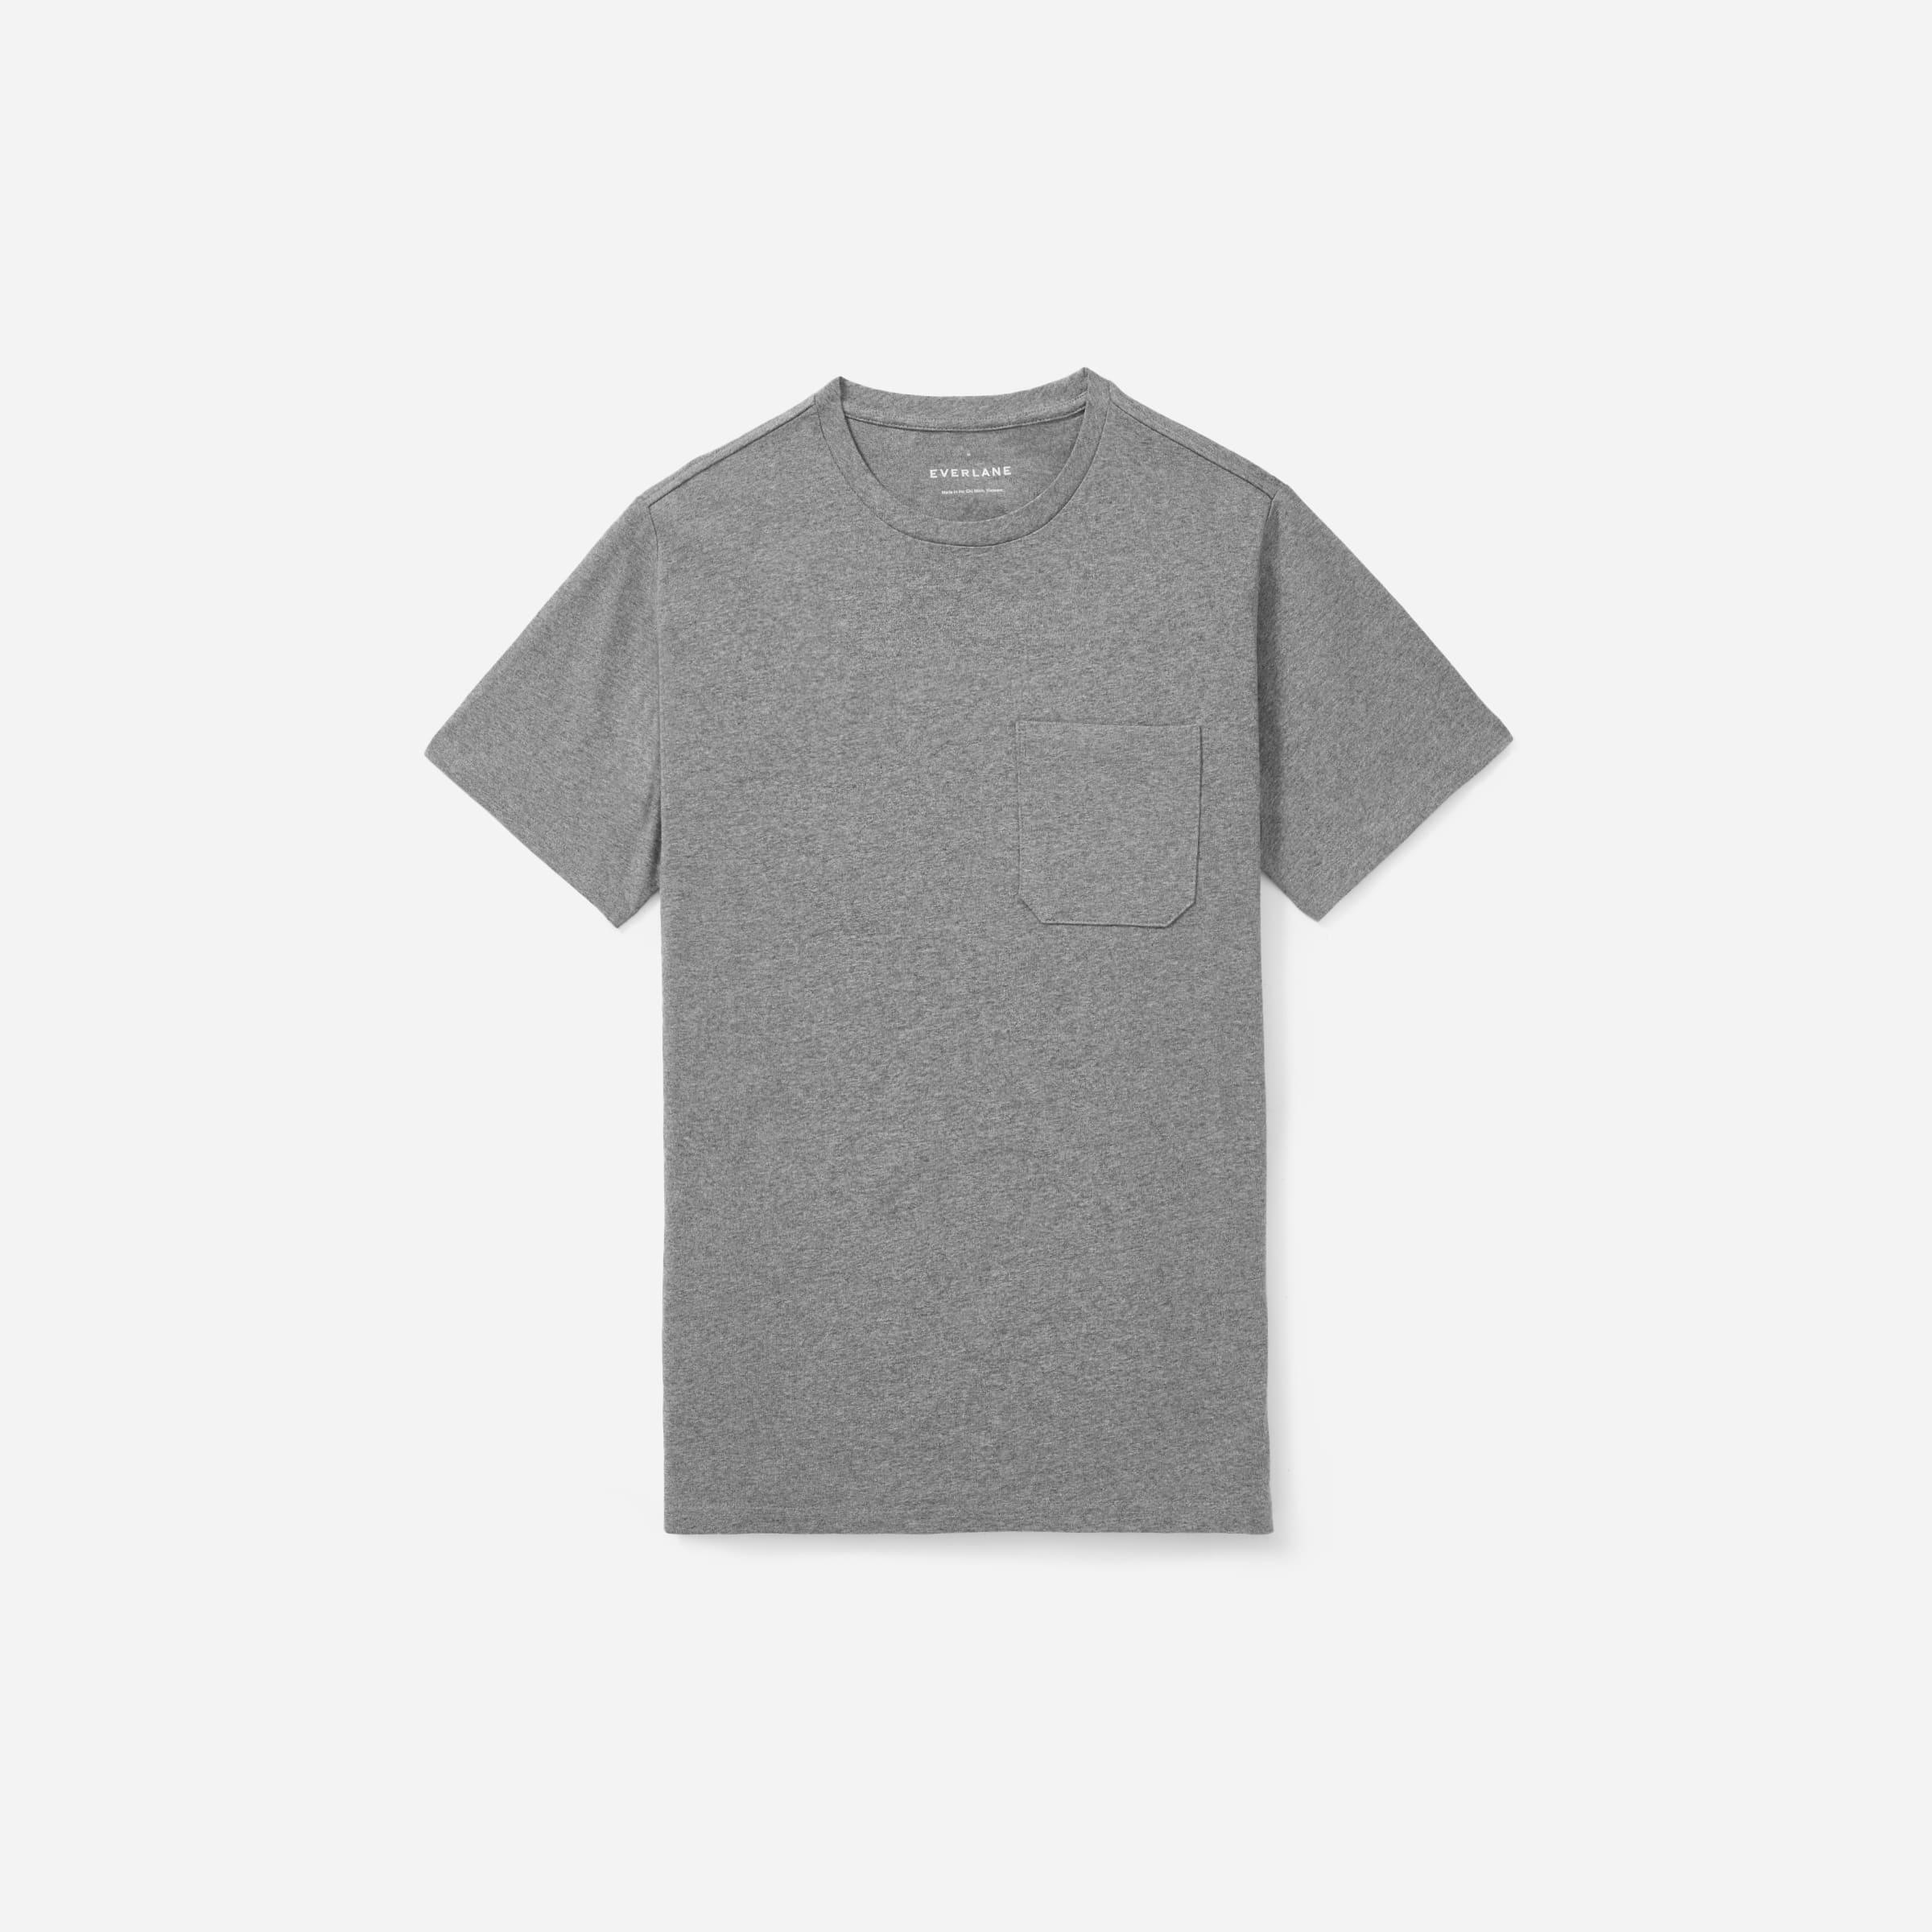 Everlane Premium T-Shirts